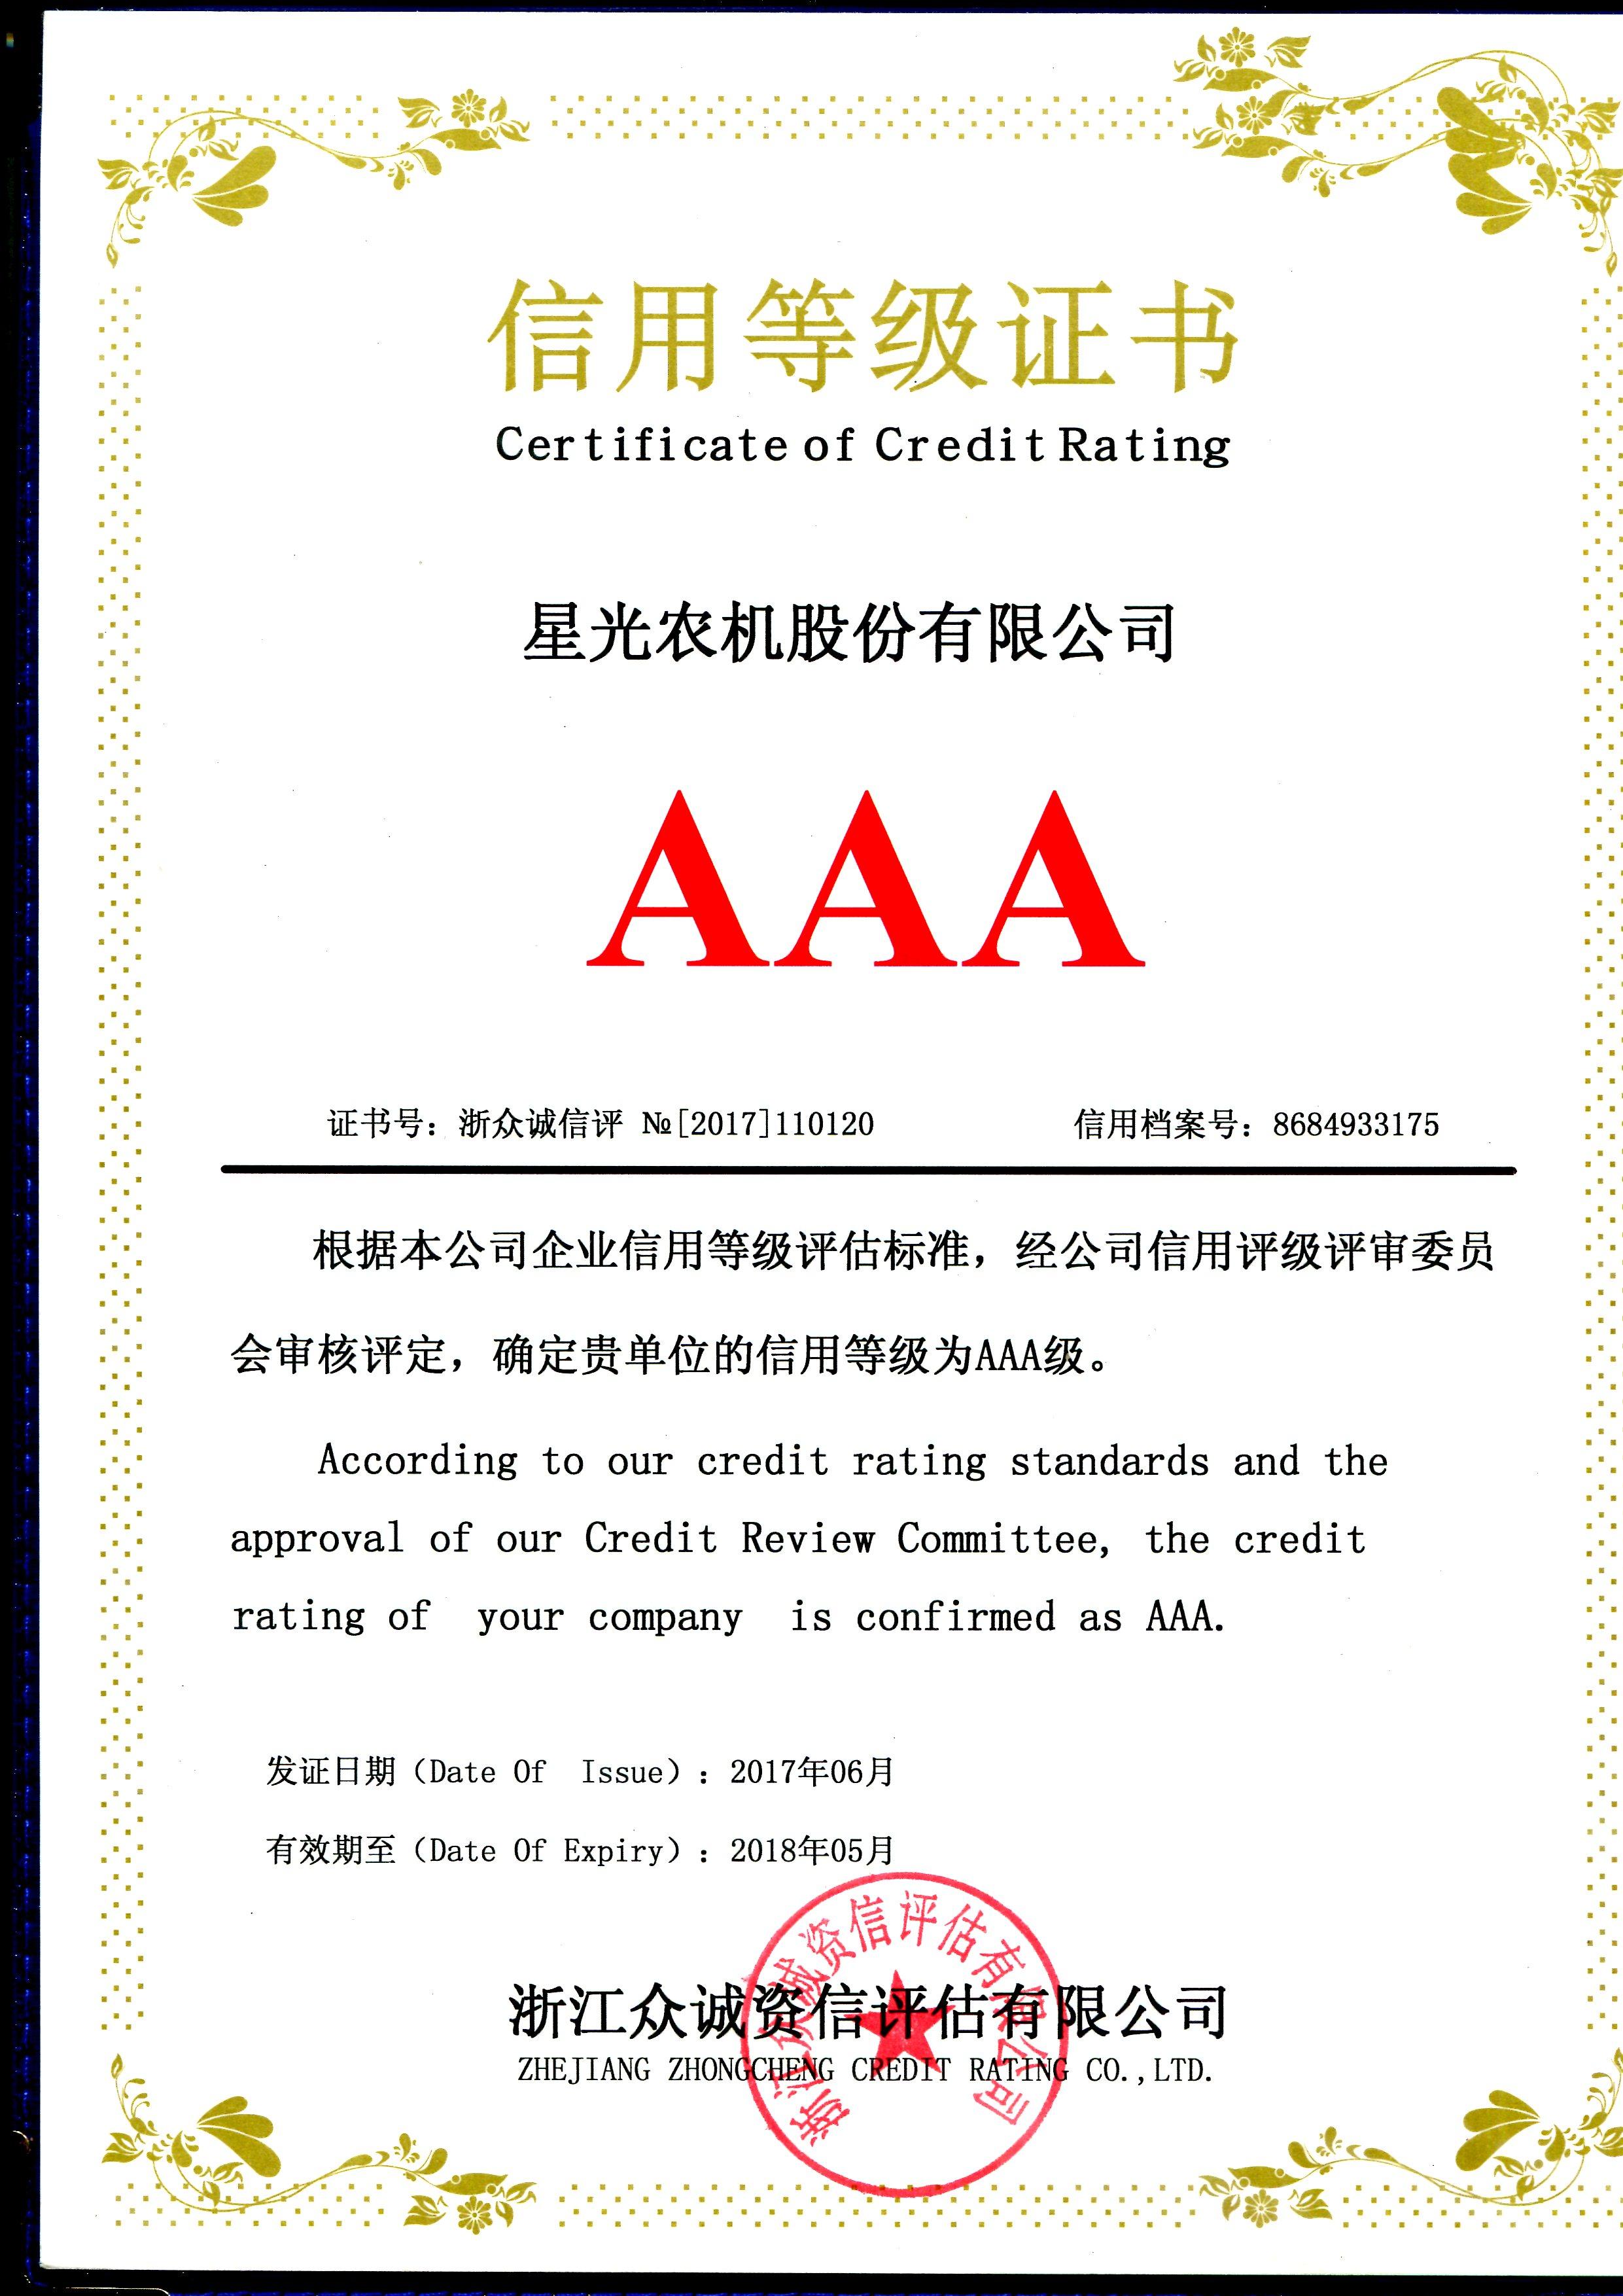 2017年AAA級信用證書